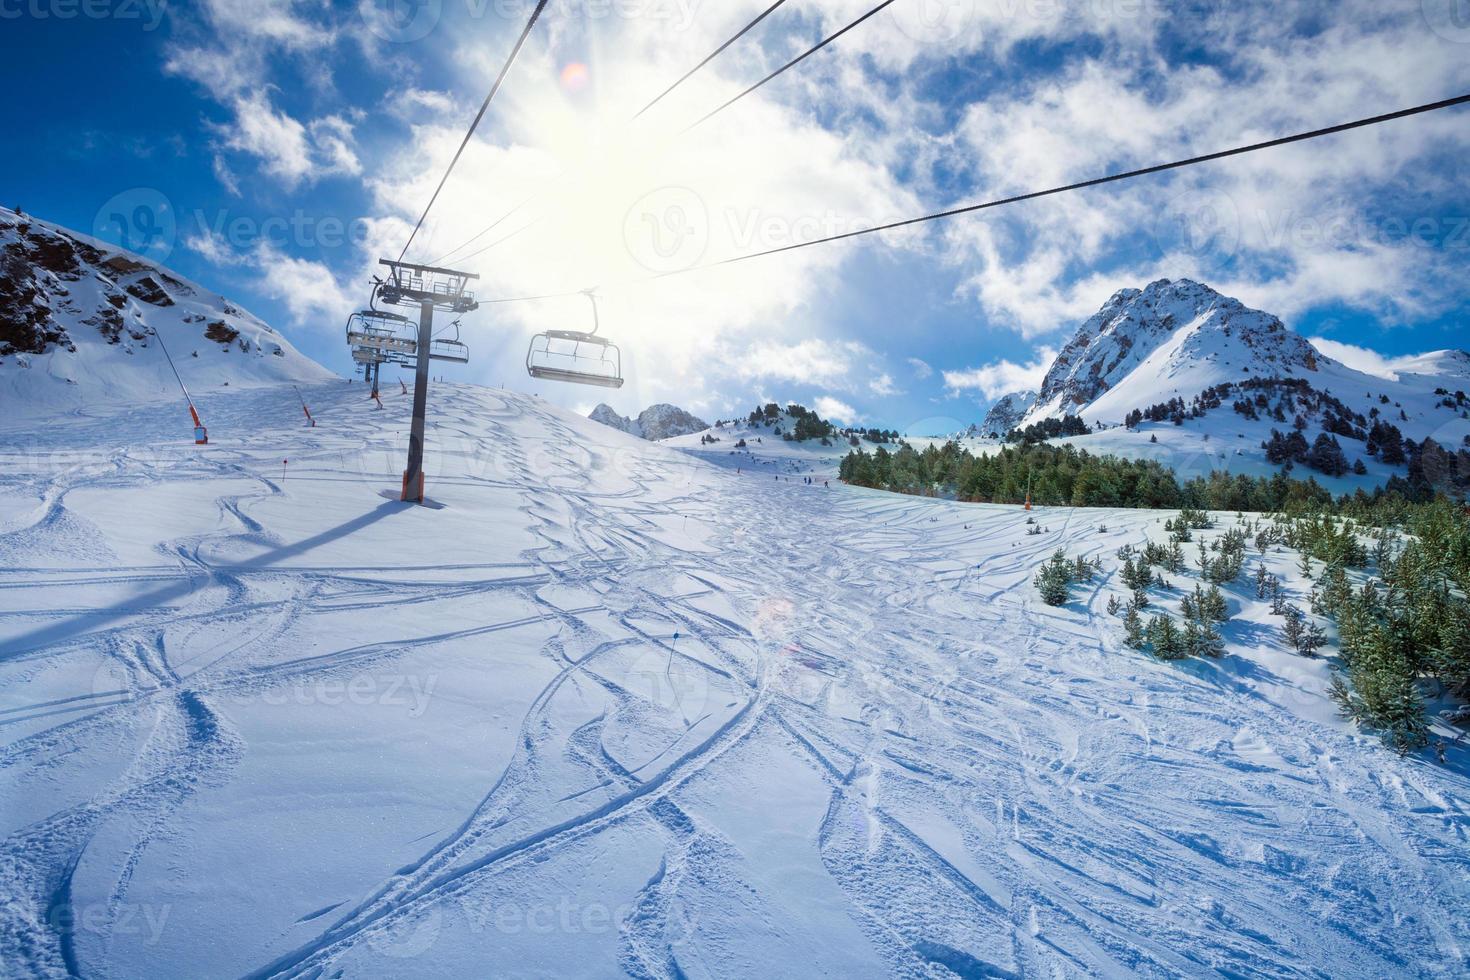 Ski lift on a snow covered mountain photo